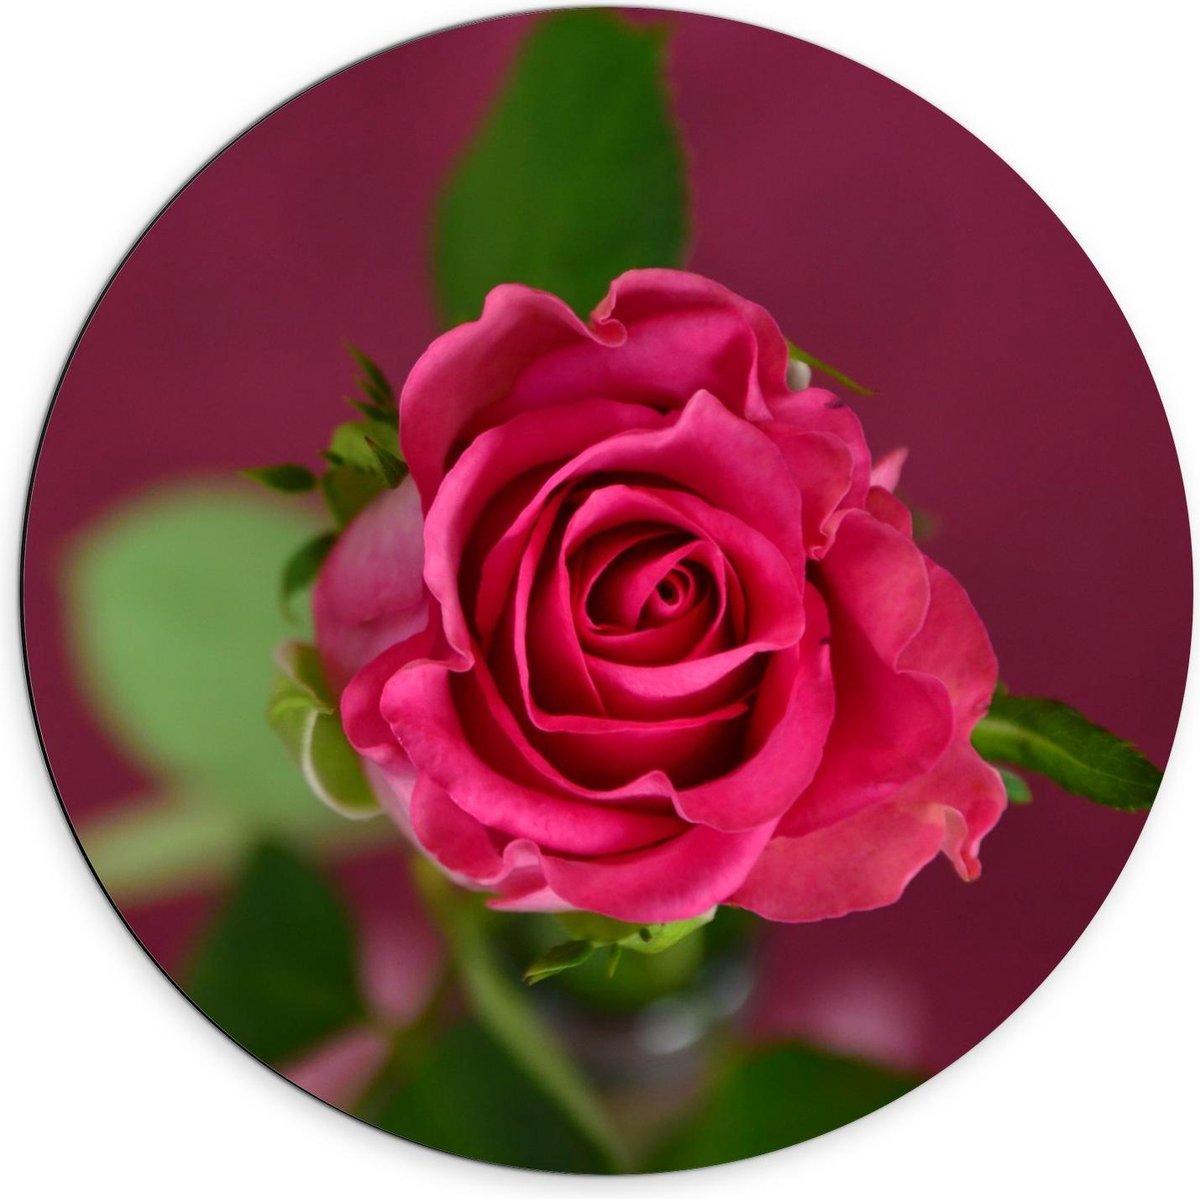 Dibond Wandcirkel - Roze Roos met Groen Blad - 70x70cm Foto op Aluminium Wandcirkel (met ophangsysteem)